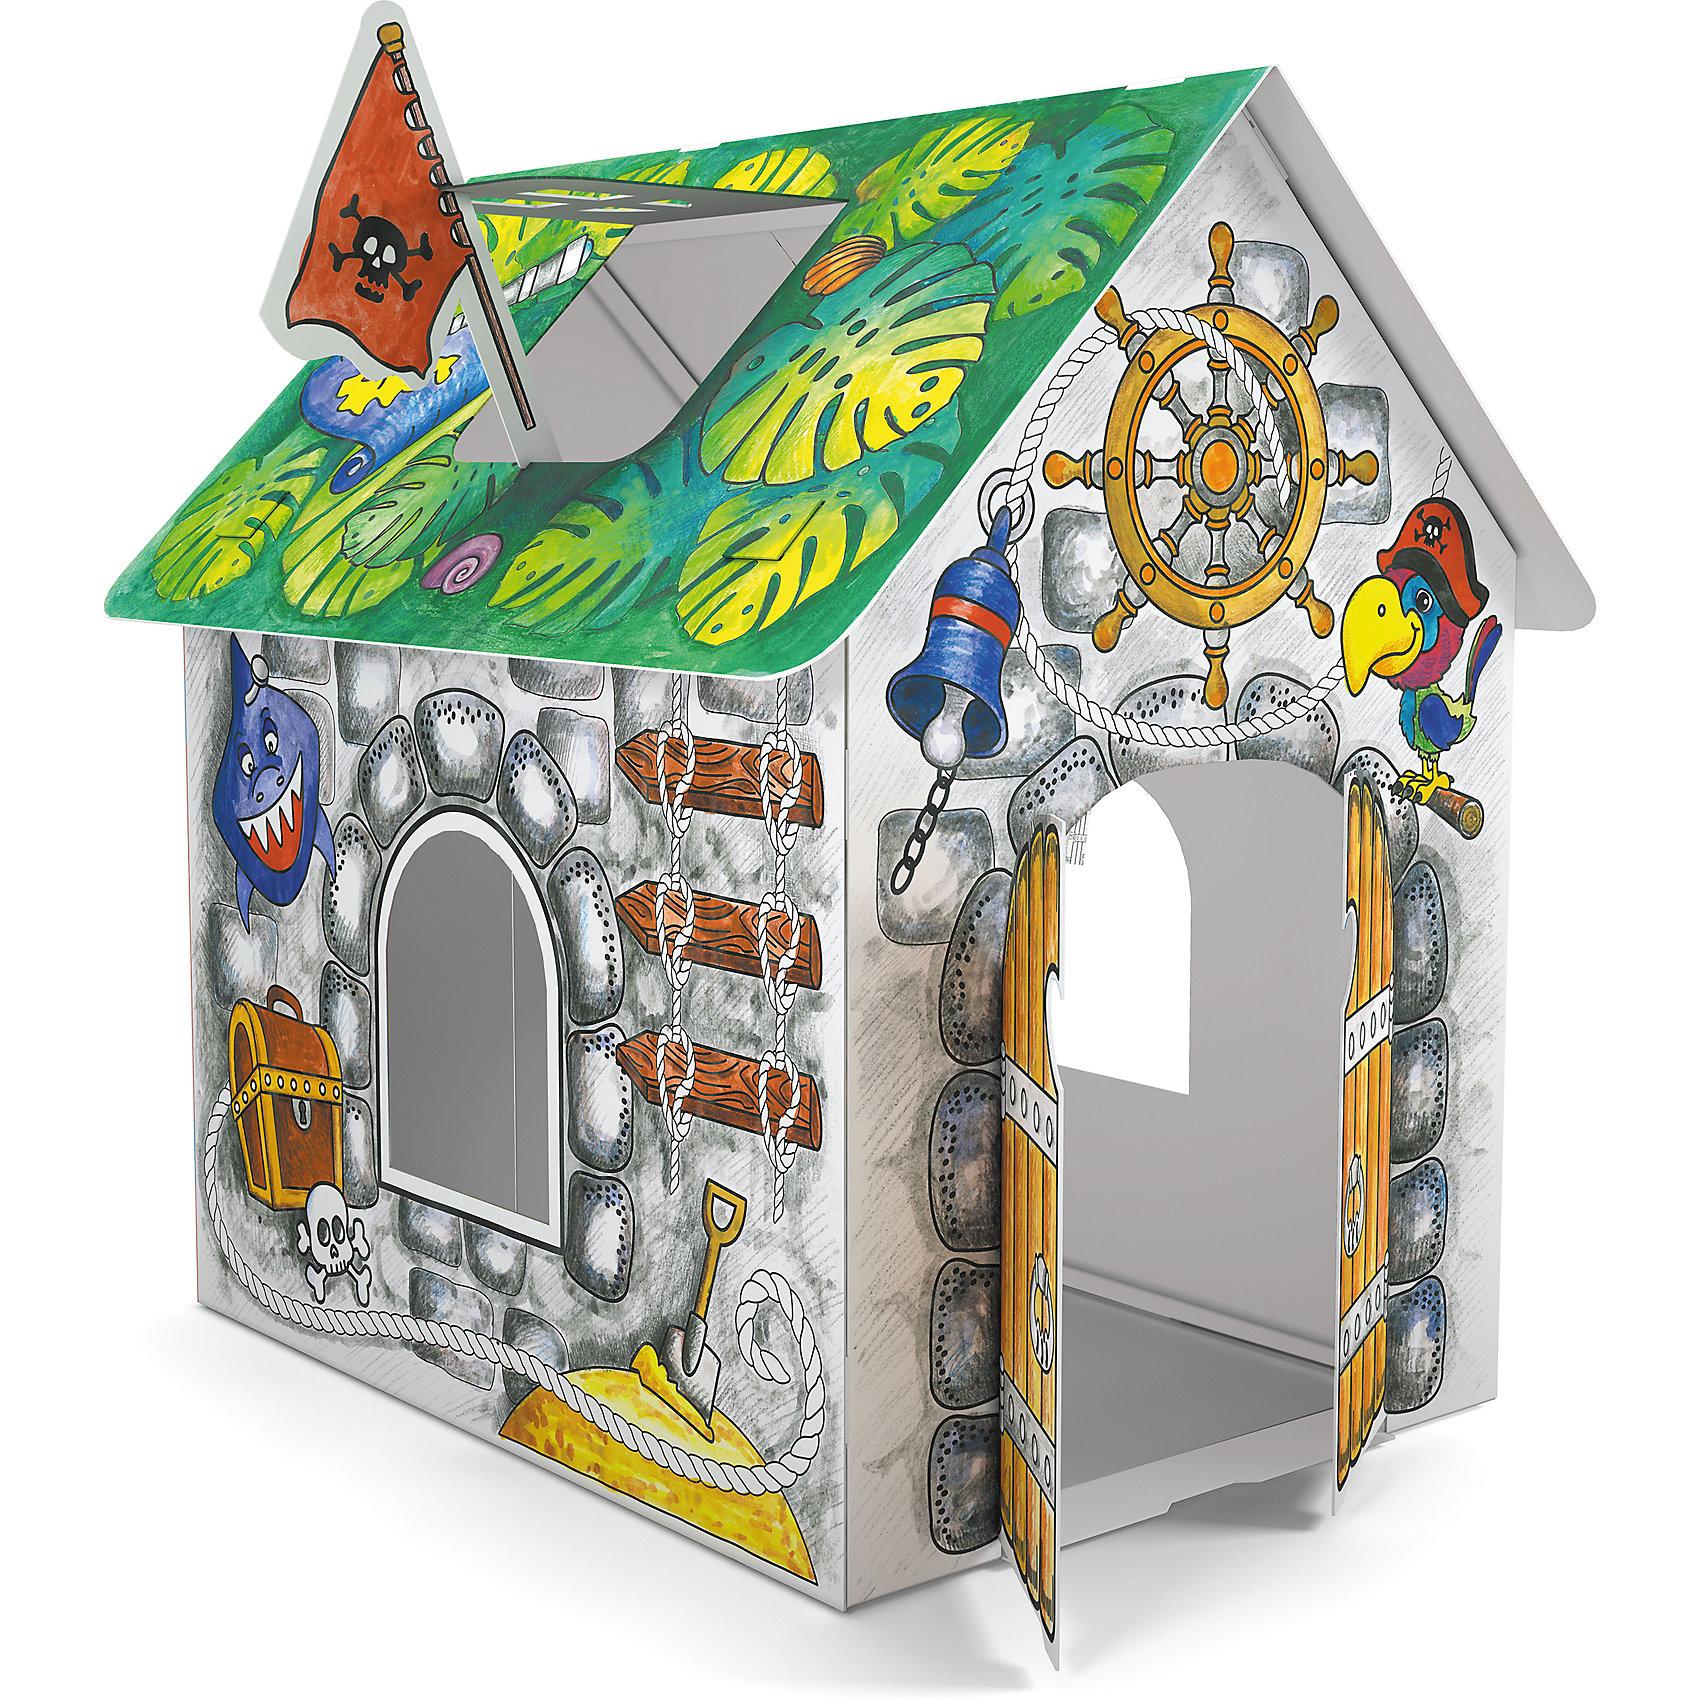 Домик для раскрашивания ПиратскийРукоделие<br>Играть в пиратов обожает множество мальчишек. Порадовать ребенка можно новым игровым набором от известного производителя - пиратским домиком из прочного картона, который мальчик сможет не только сам раскрасить, по и самостоятельно собрать, далее придумывая множество игр с этим вместительным жилищем пиратов.<br>Такая игрушка поможет развить не только творческие способности ребенка, но и мелкую моторику, художественный вкус, логику, внимательность и умение нестандартно мыслить.<br><br><br>Дополнительная информация:<br><br>состав: бумага, картон;<br>размер: 93 х 62 х 84 см;<br>возраст: от трех лет.<br><br>Домик для раскрашивания Пиратский (для мальчиков) от компании ErichKrause можно купить в нашем магазине.<br><br>Ширина мм: 300<br>Глубина мм: 150<br>Высота мм: 400<br>Вес г: 510<br>Цвет: зеленый<br>Возраст от месяцев: 36<br>Возраст до месяцев: 180<br>Пол: Мужской<br>Возраст: Детский<br>SKU: 4915816